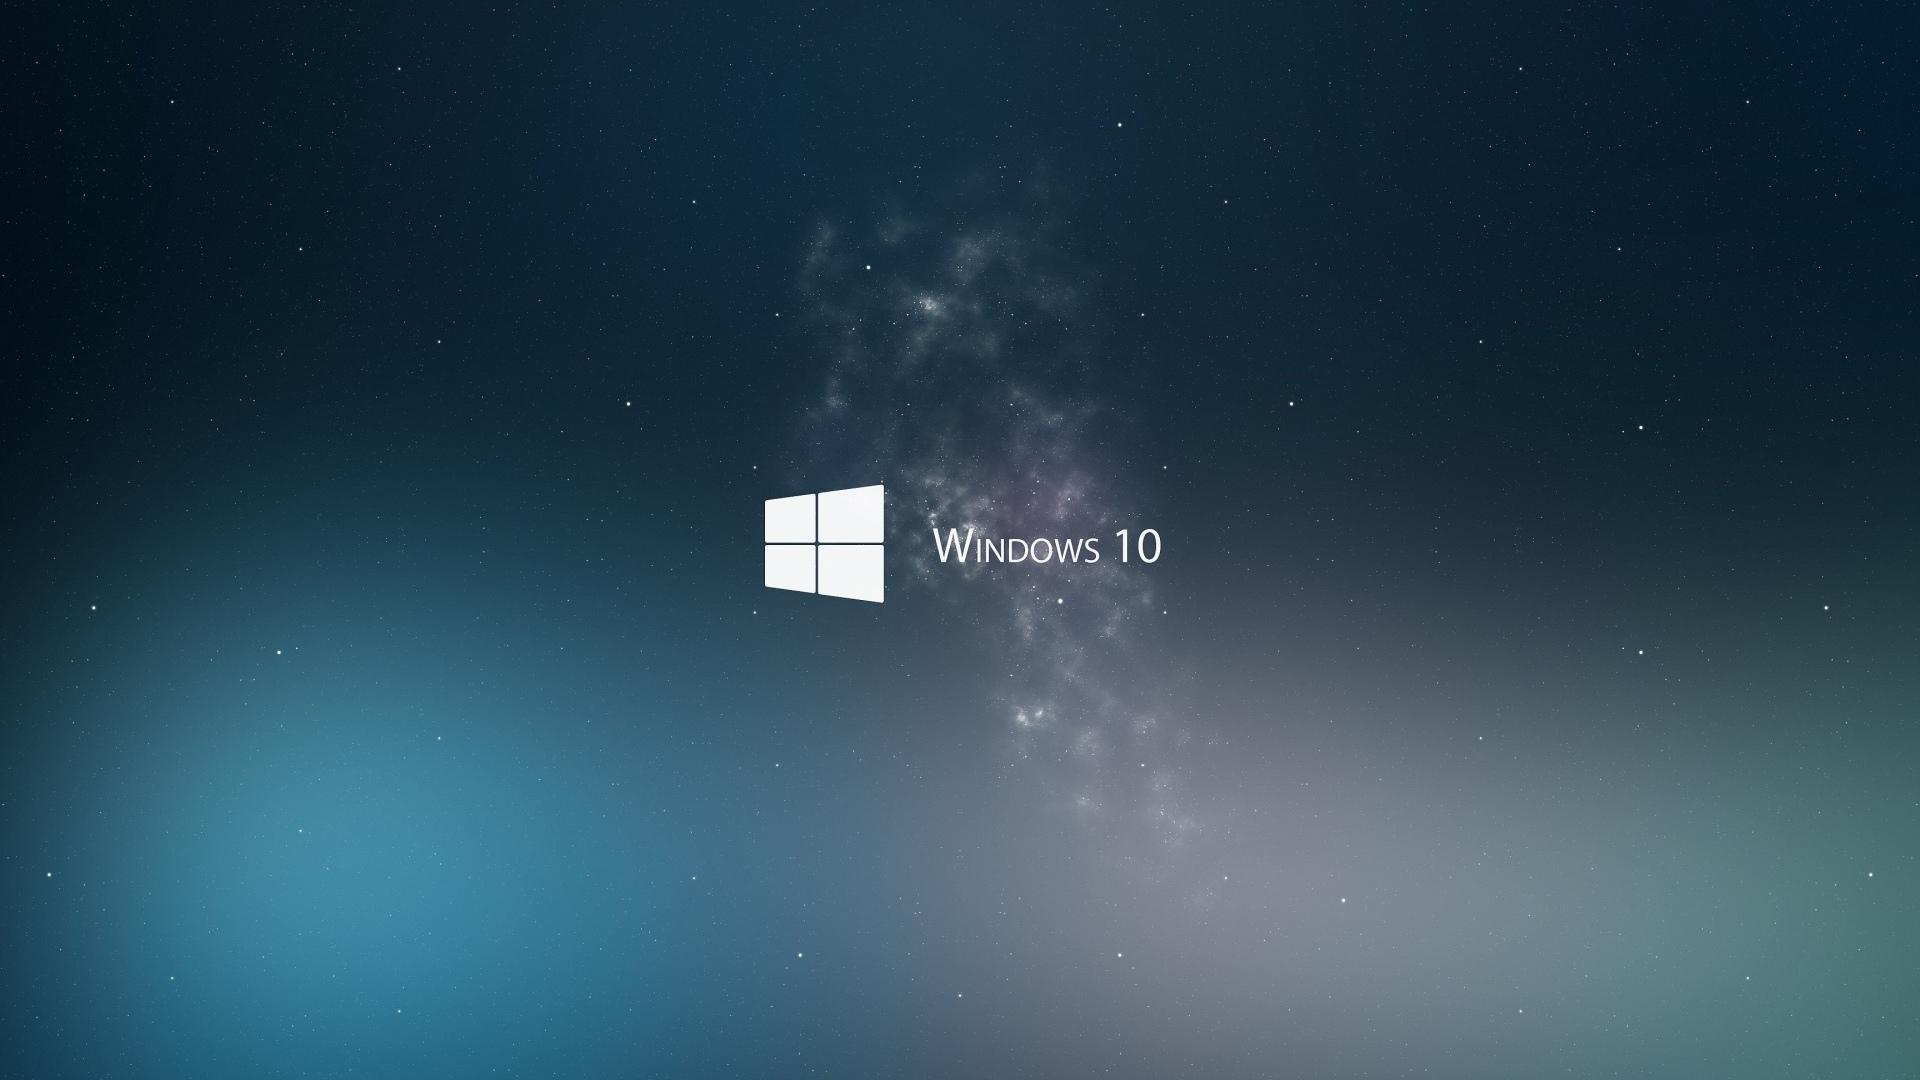 windows    1920x1080 -2图片